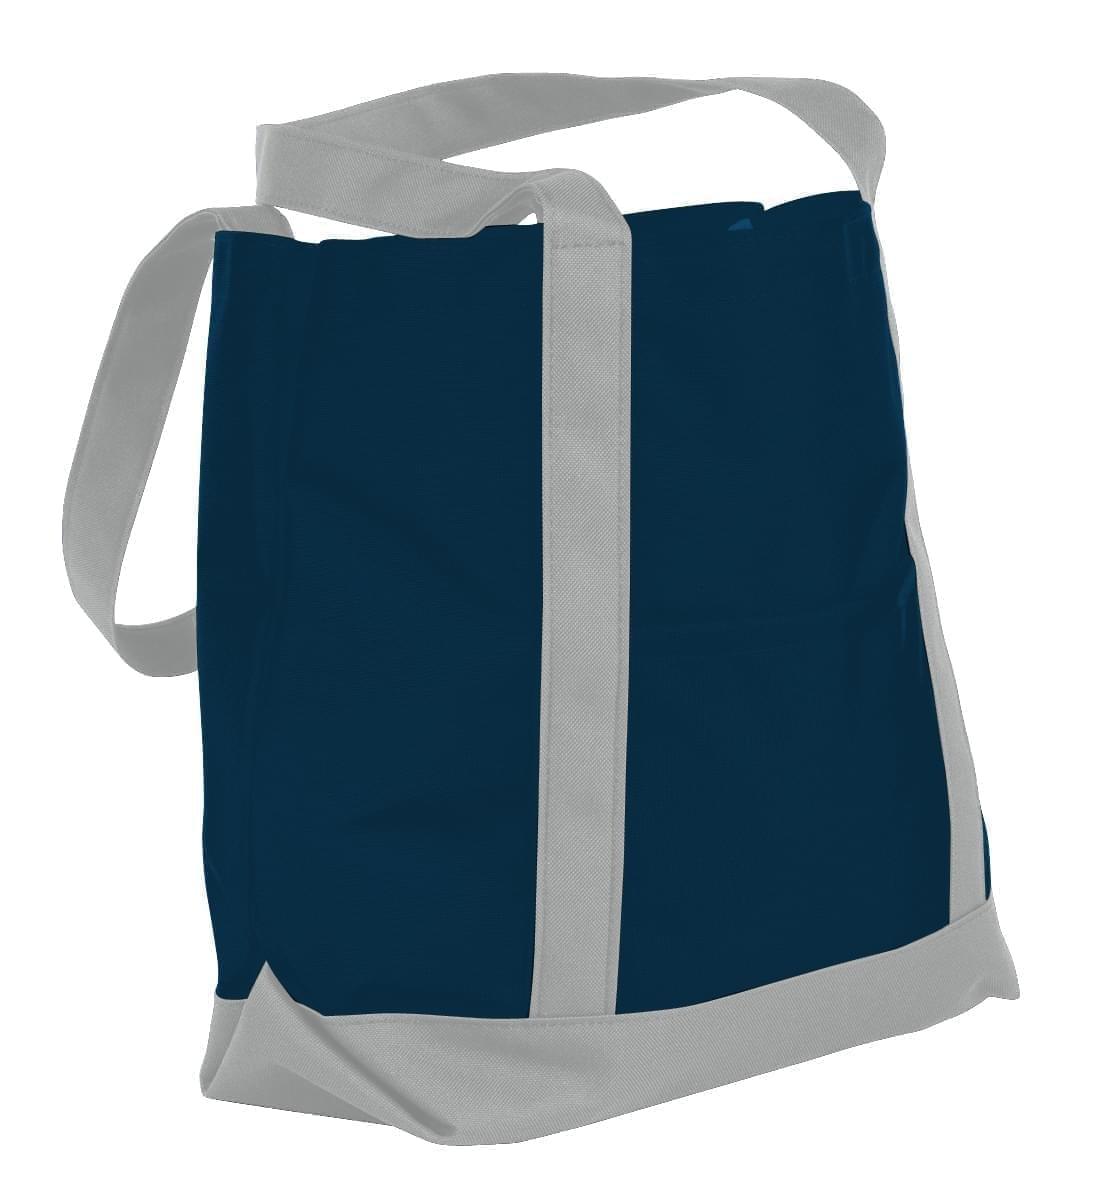 USA Made Nylon Poly Boat Tote Bags, Navy-Grey, XAACL1UAWN